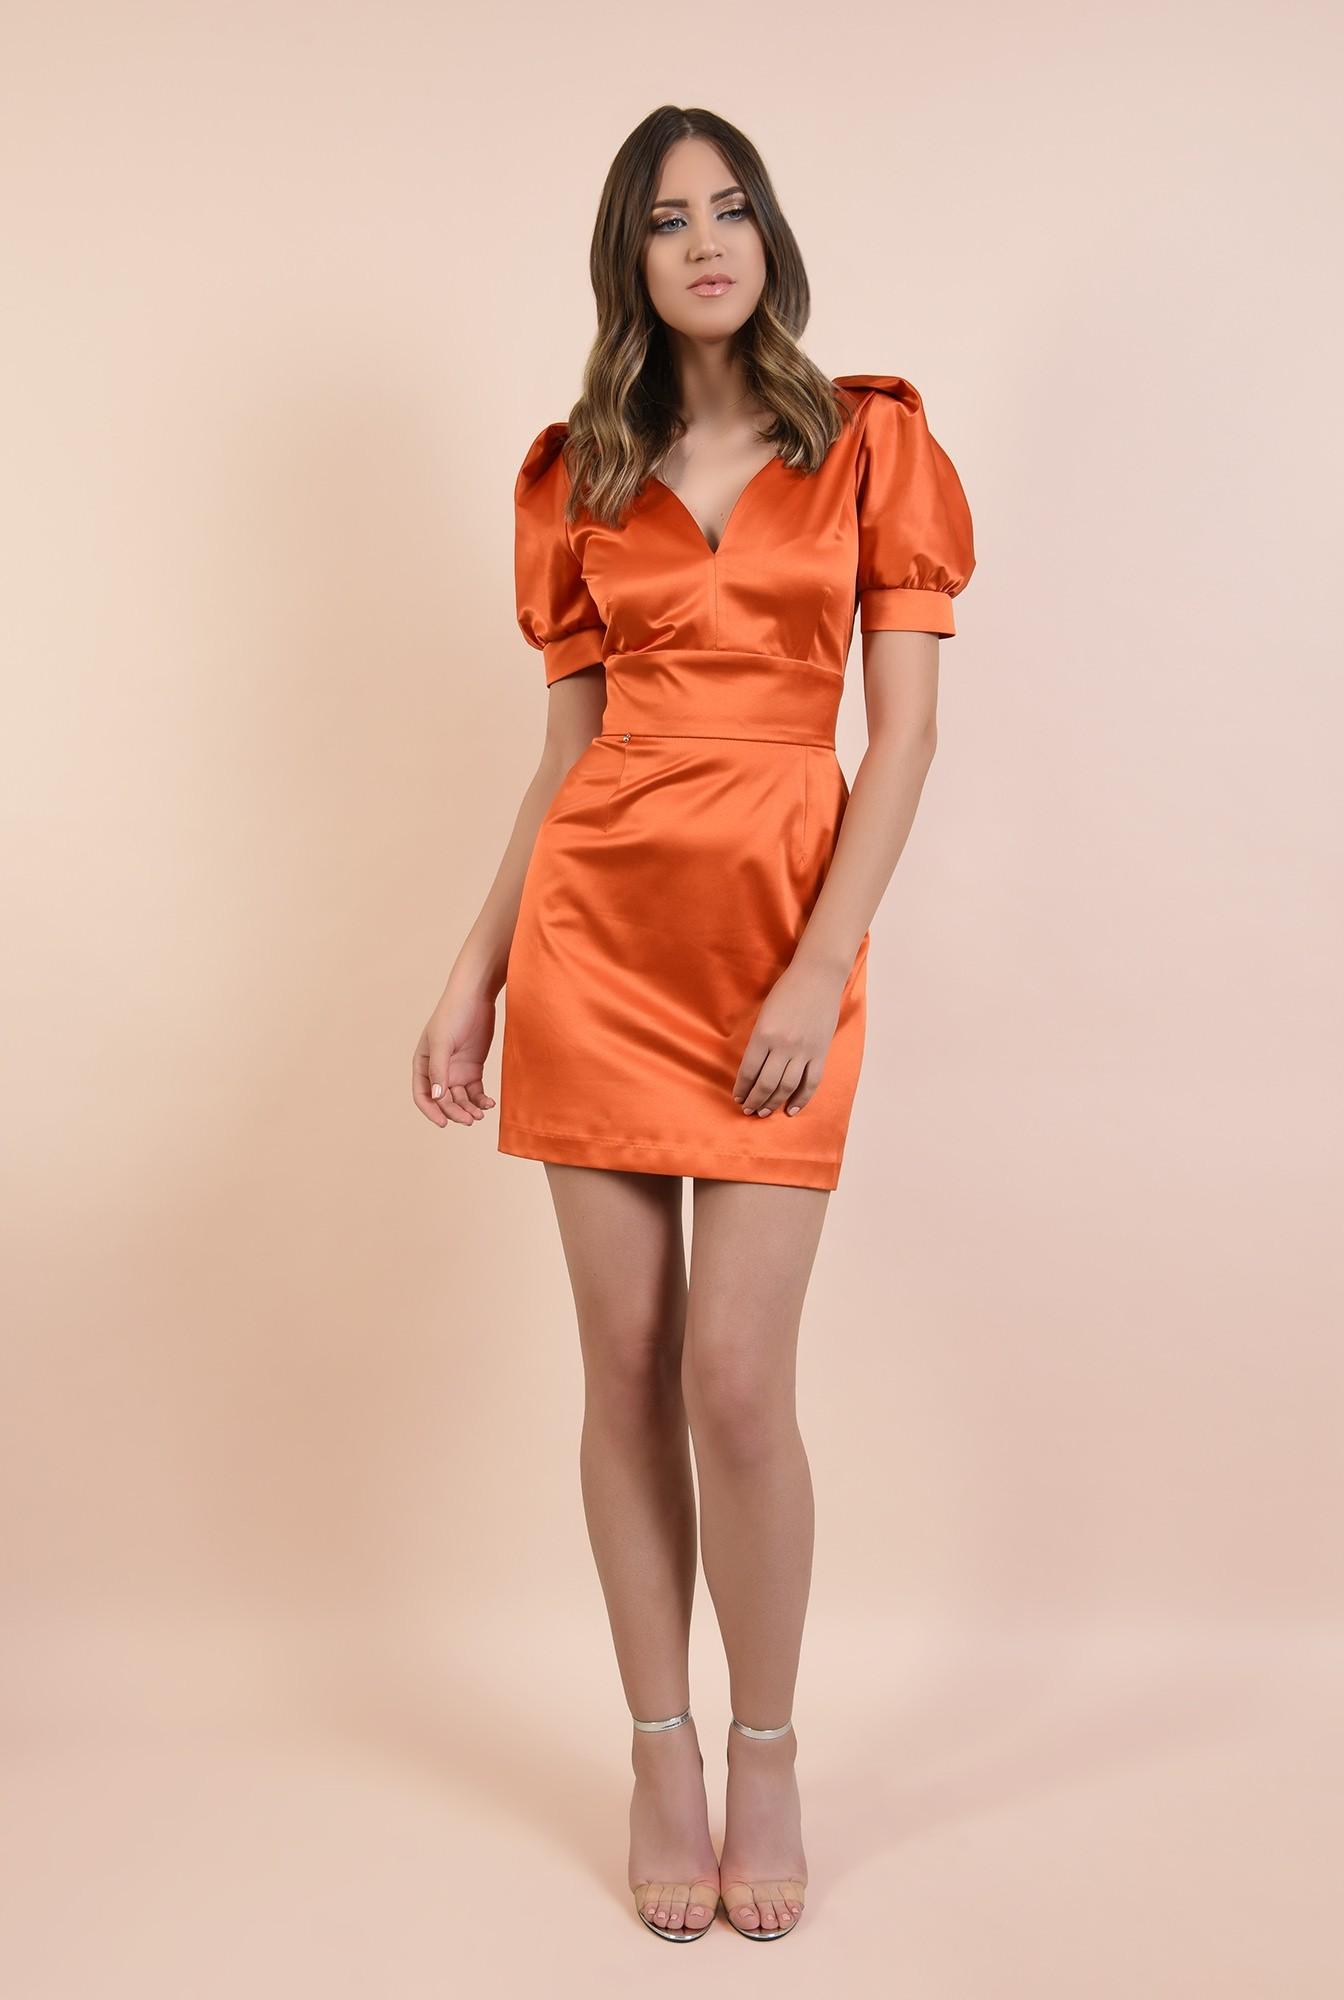 3 - rochie de seara, orange, tafta de bumbac, maneci fantezie, lungime mini